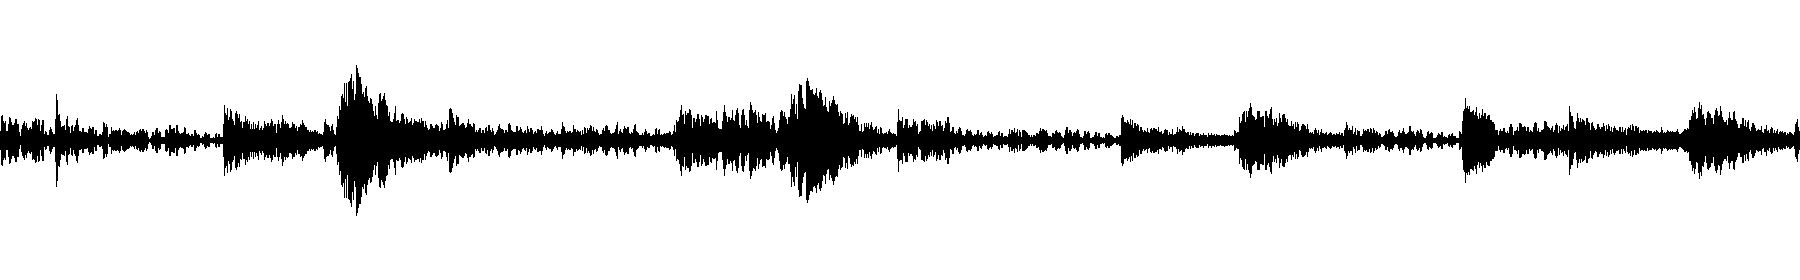 65189 mind control drum loop wav